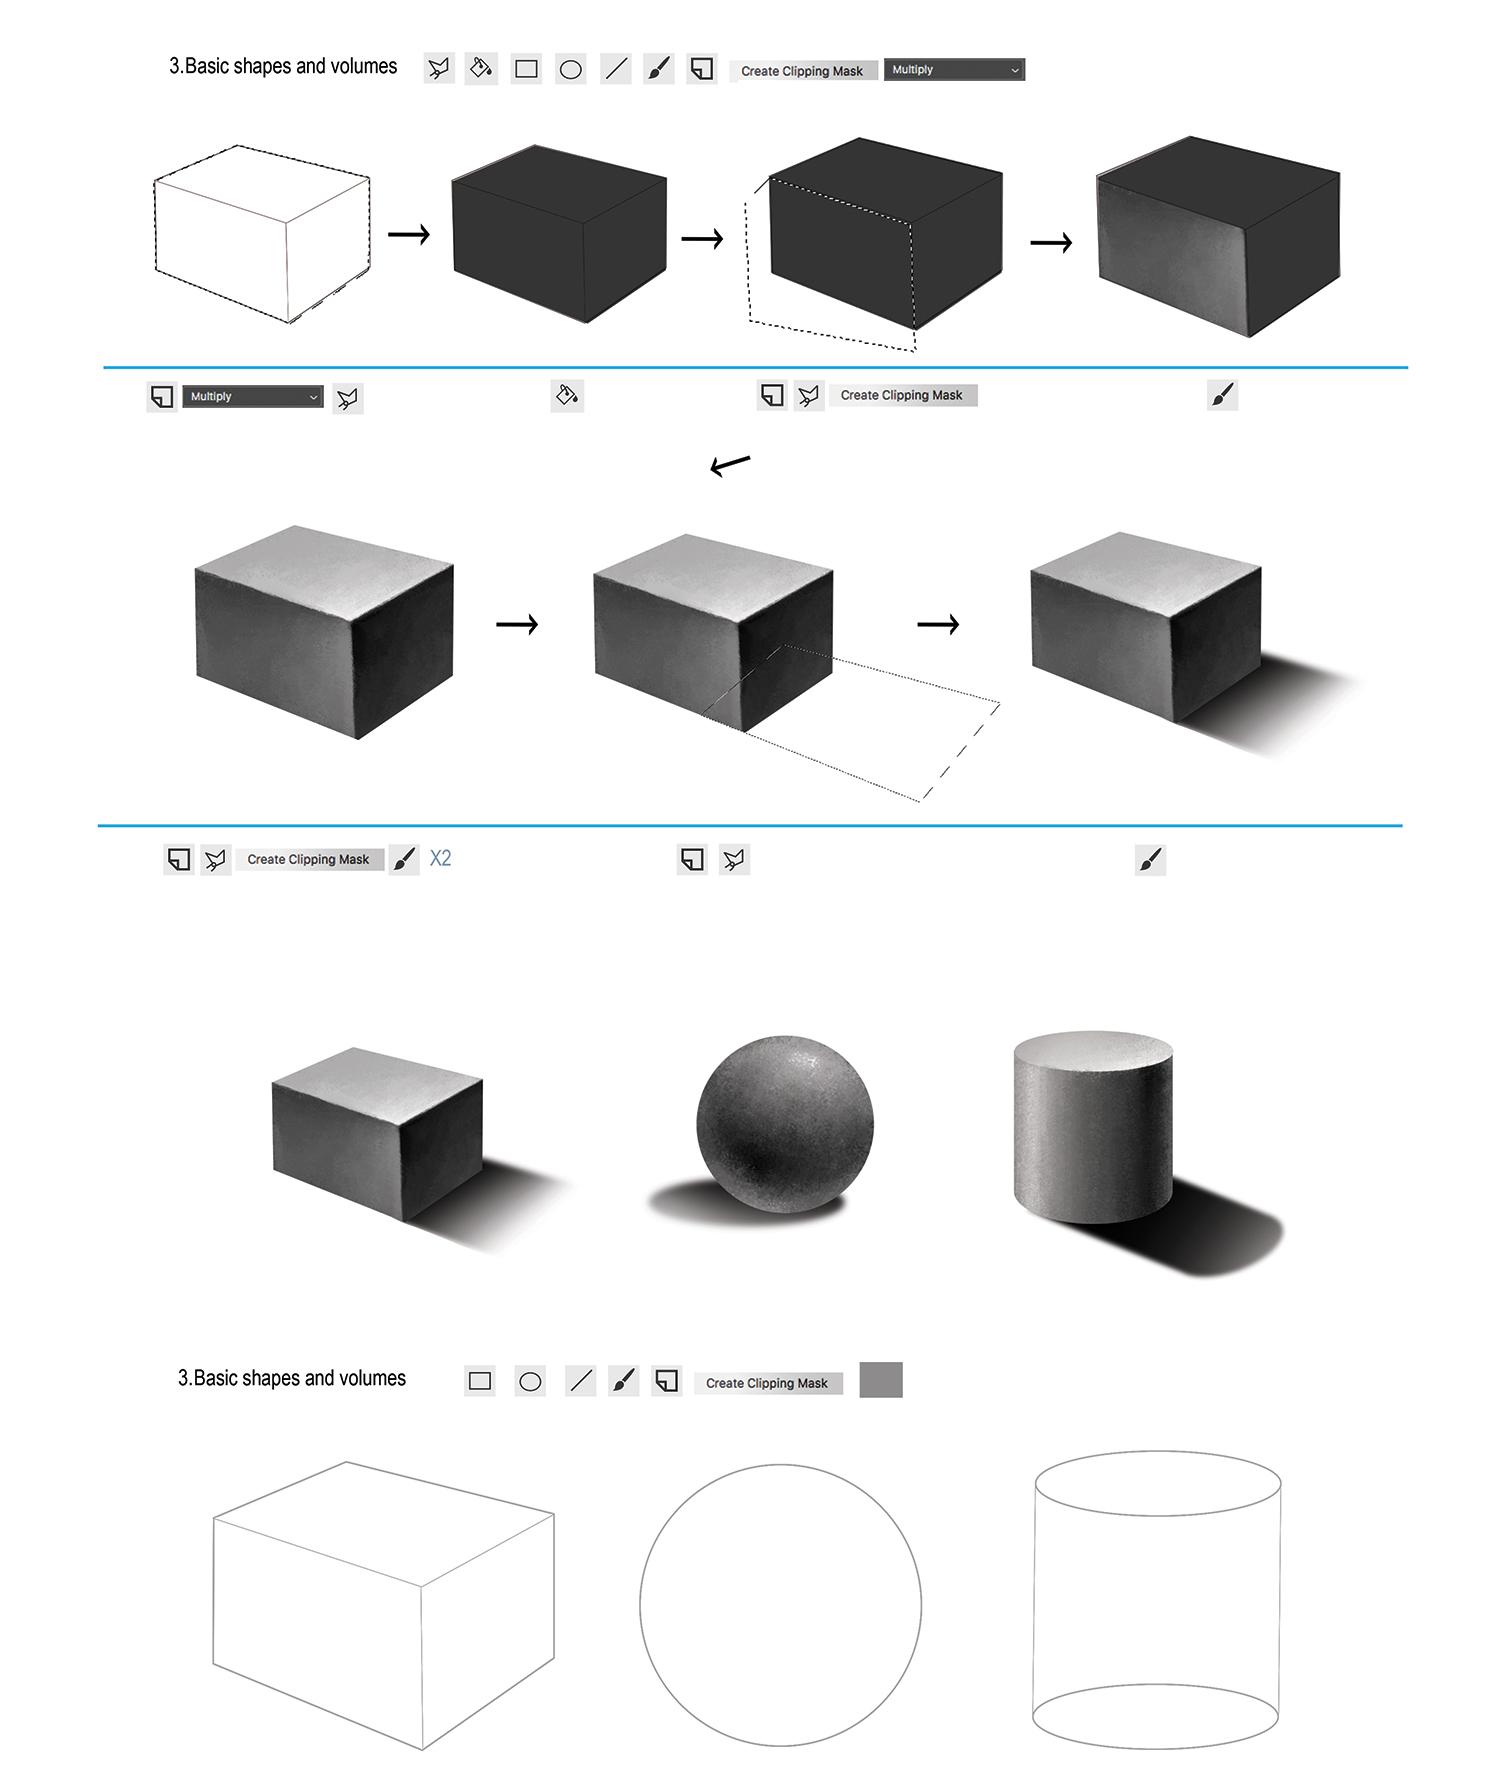 ashcan-digital-curriculum-01-02.jpg